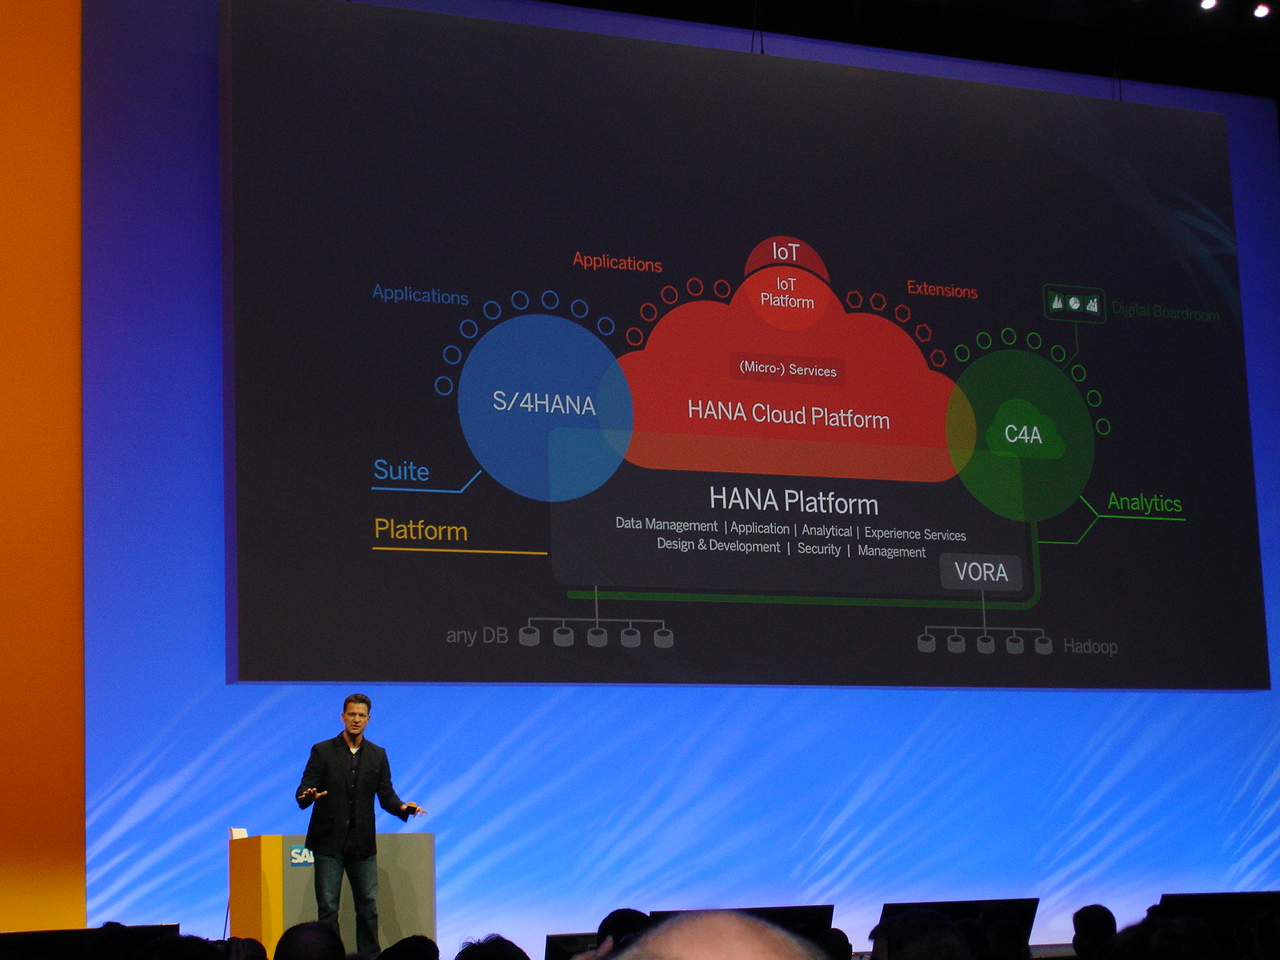 Το οικοσύστημα της SAP